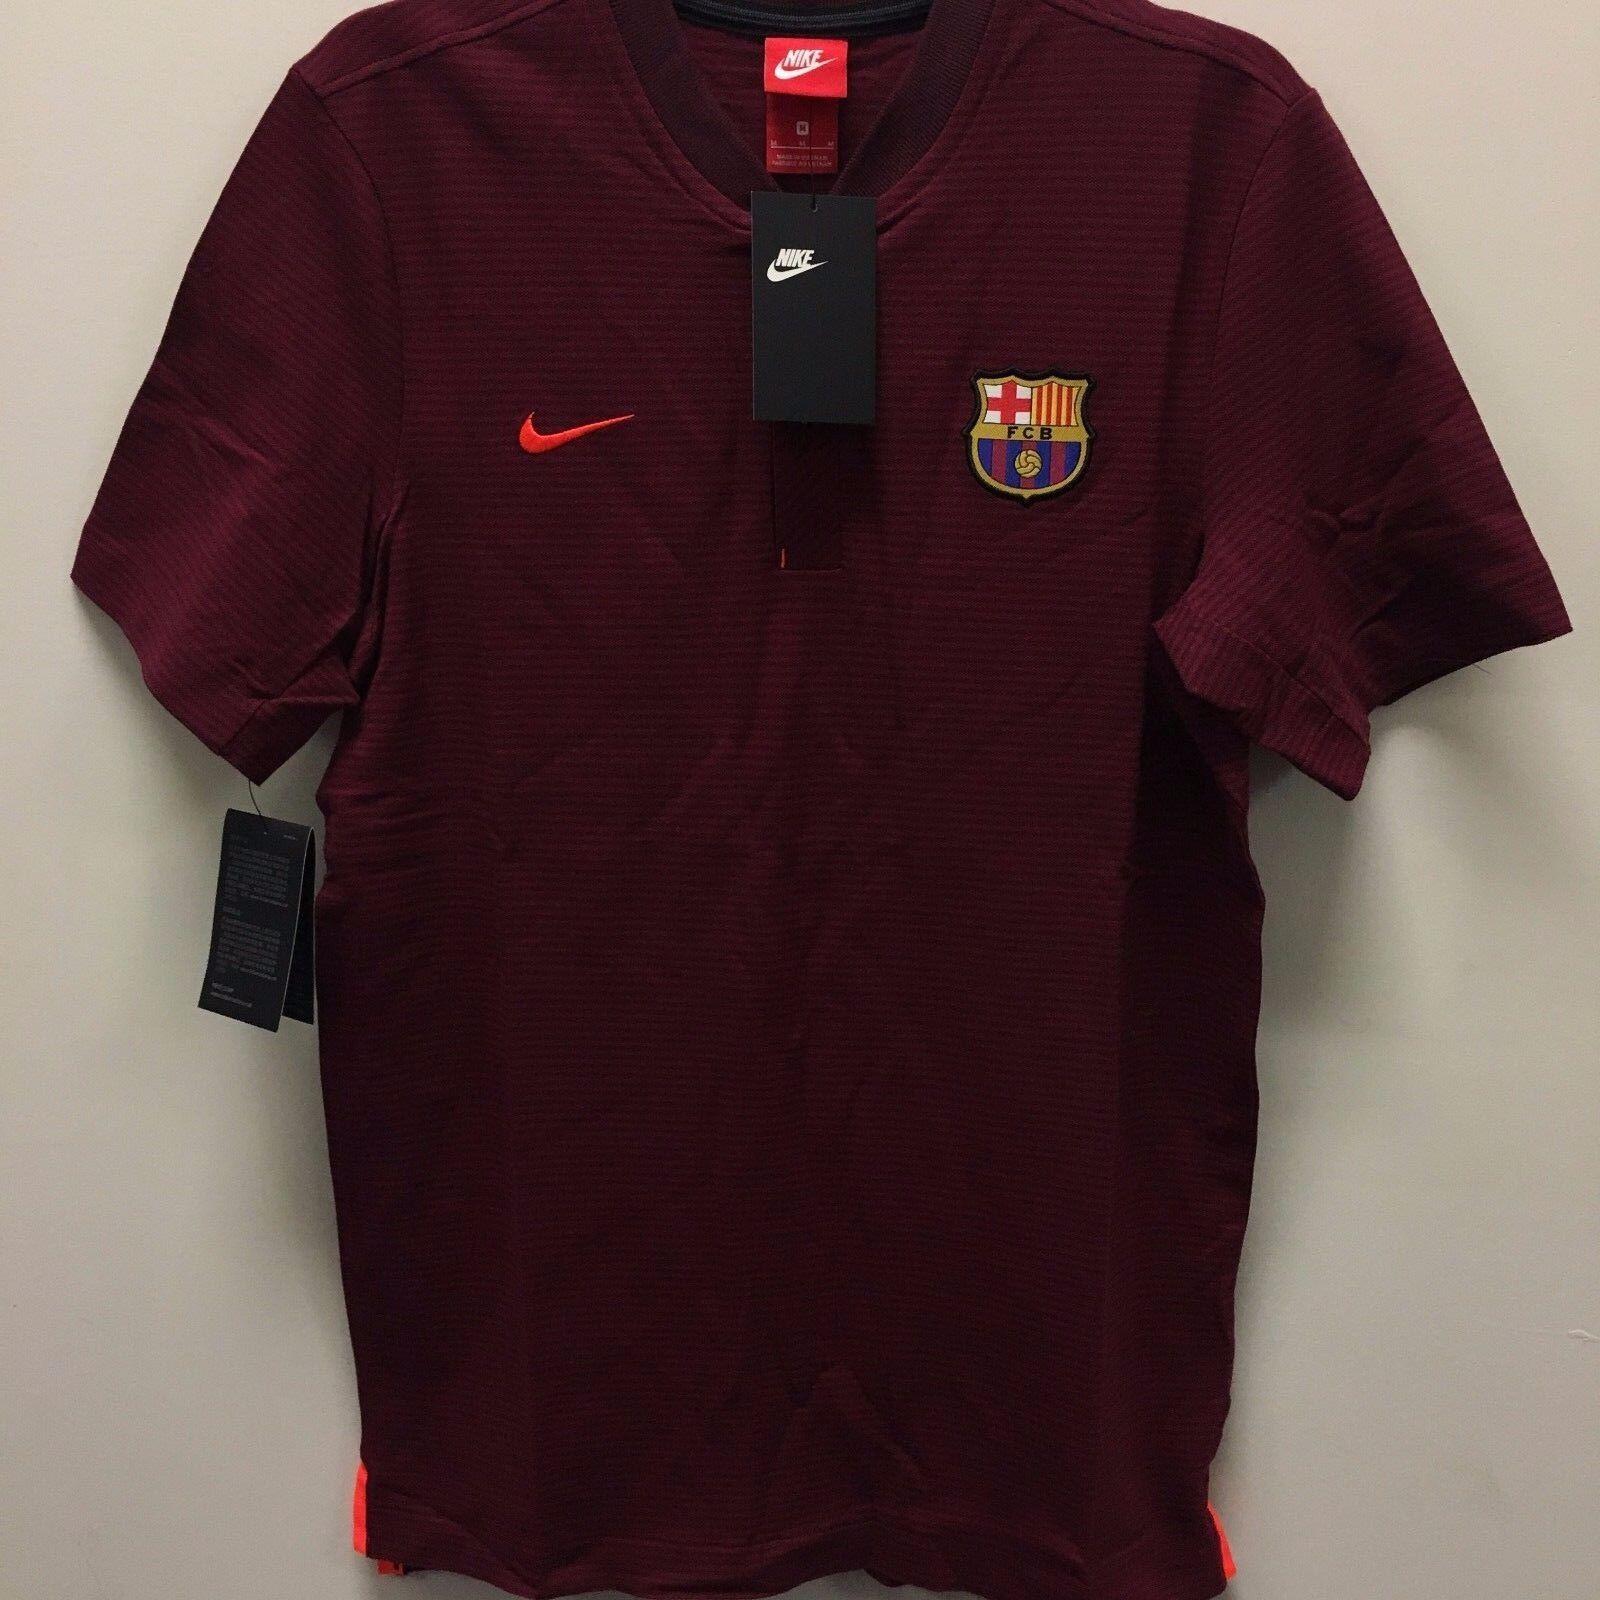 Nike Fc Barcelona Authentic Maroon 2017 2018 Polo  Camisa de fútbol  muchas concesiones